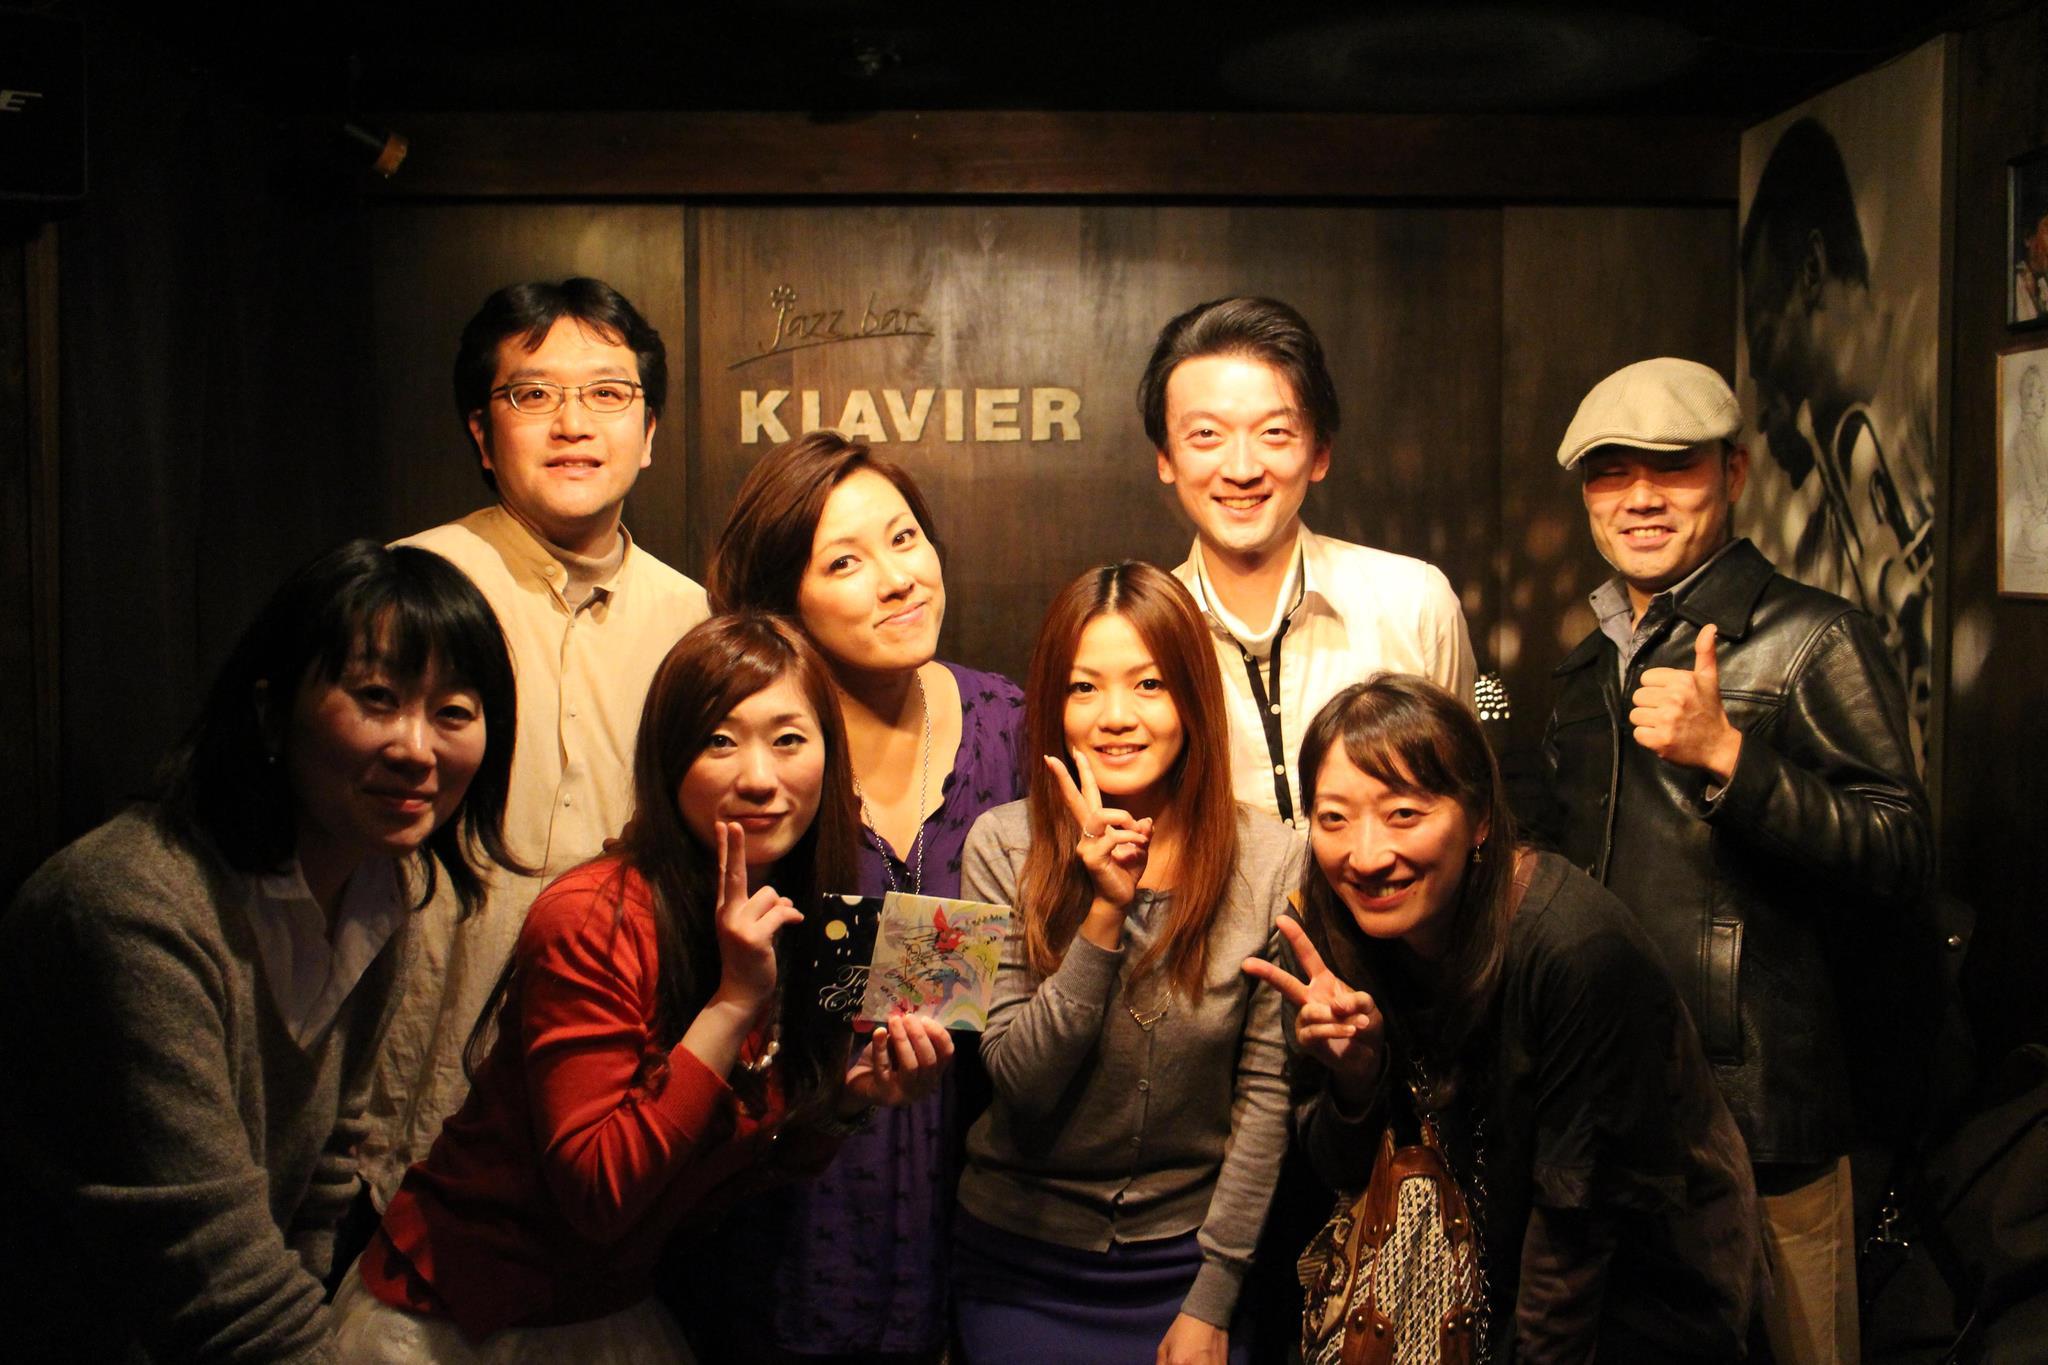 東京クラビーヤでのライブと、グローバル育児の親子イベント明日は東京FM9時半にゲストです_a0150139_1405094.jpg